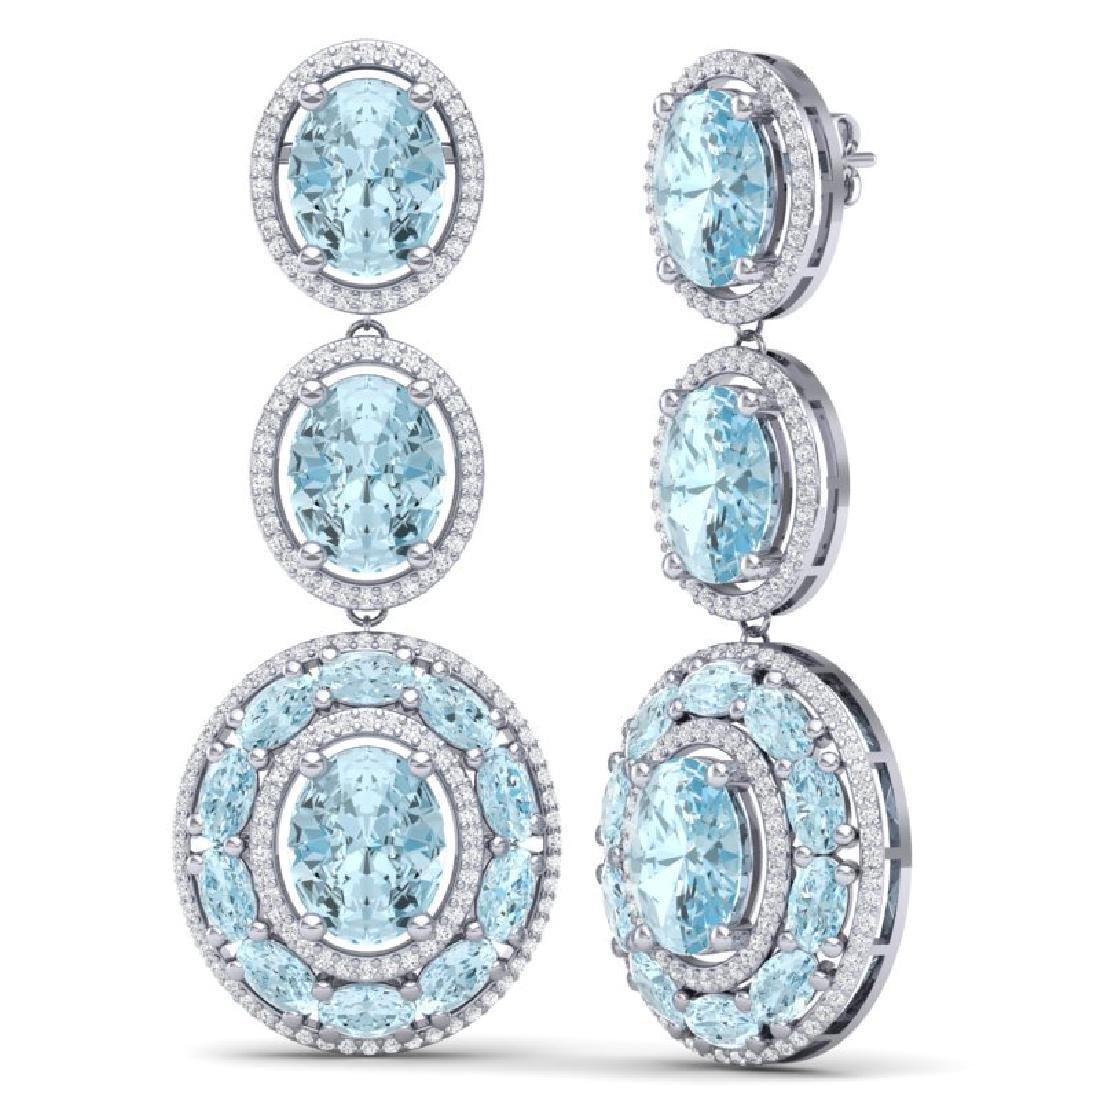 34.52 CTW Royalty Sky Topaz & VS Diamond Earrings 18K - 3